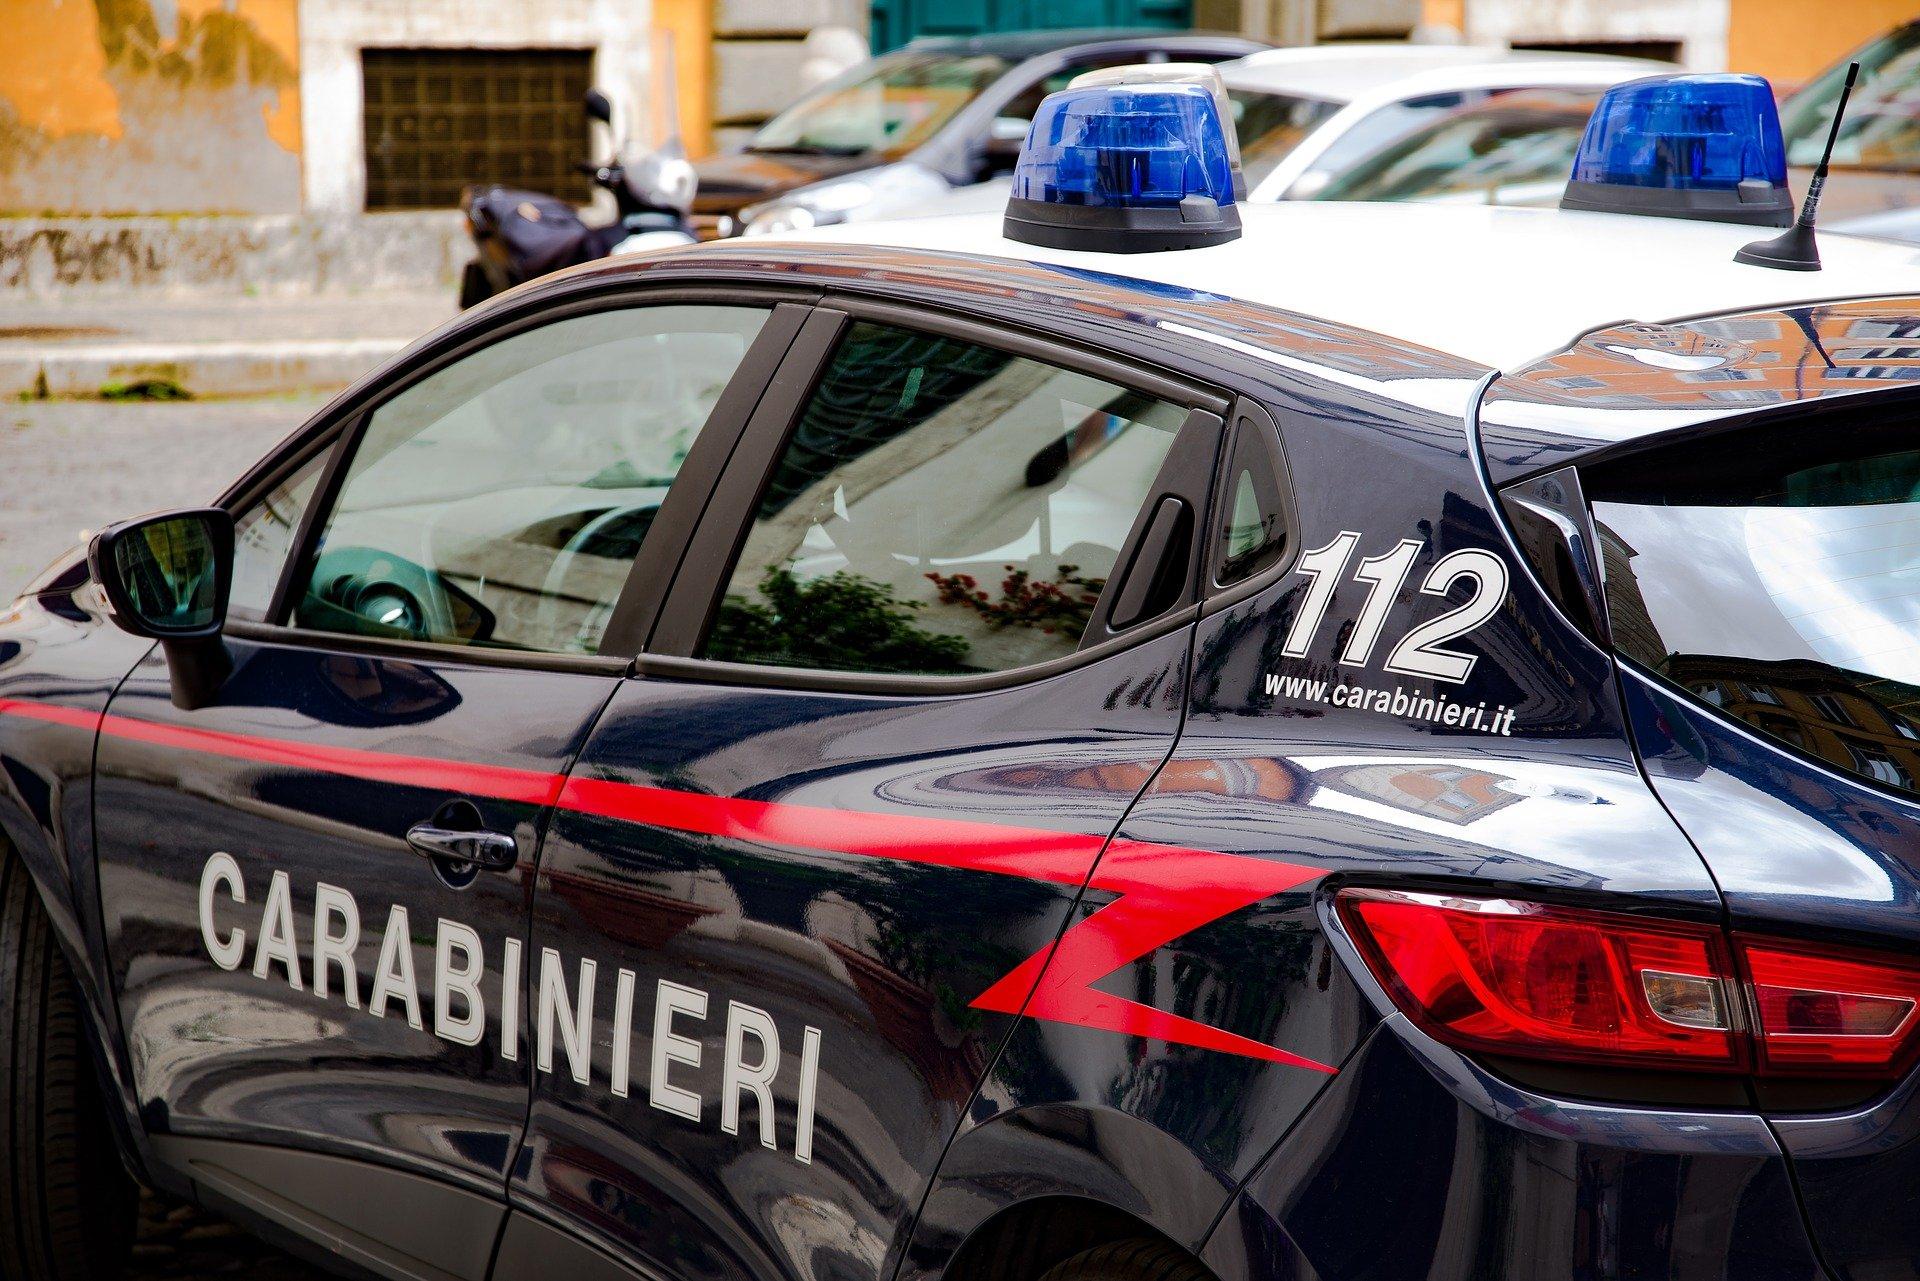 Copertina per Tenta di entrare in casa dell'ex compagna con la forza, arrestato un 40enne a Cervignano